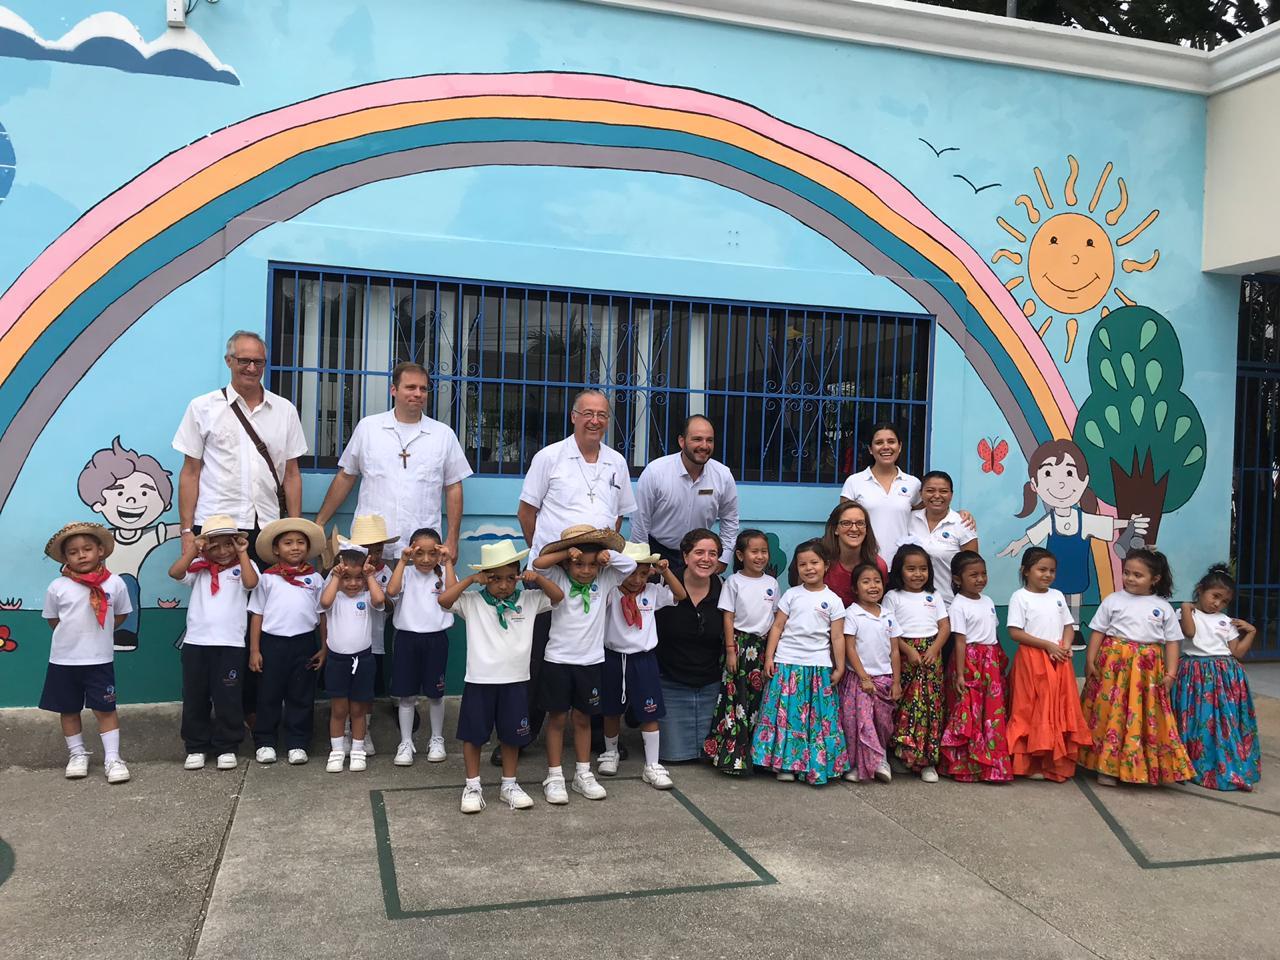 All smiles at Mano Amiga Cancun